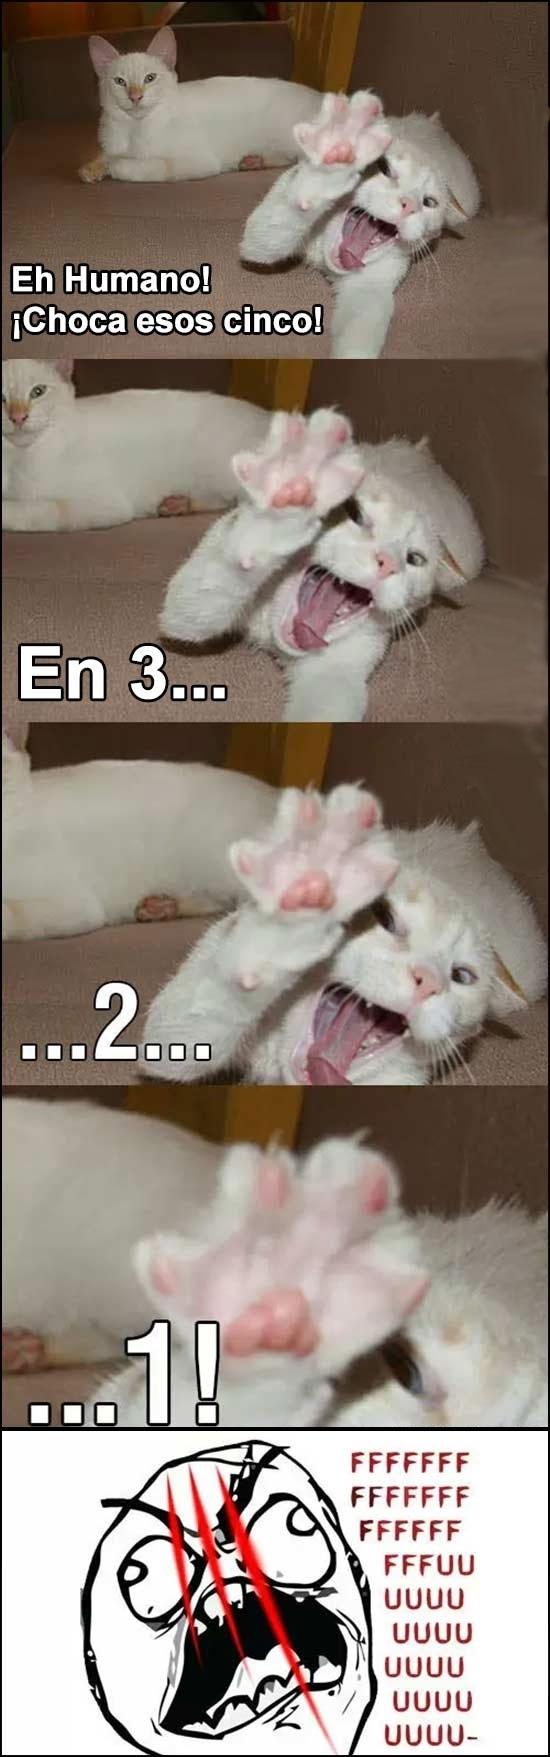 Ffffuuuuuuuuuu - El riesgo de chocar los cinco con un gato